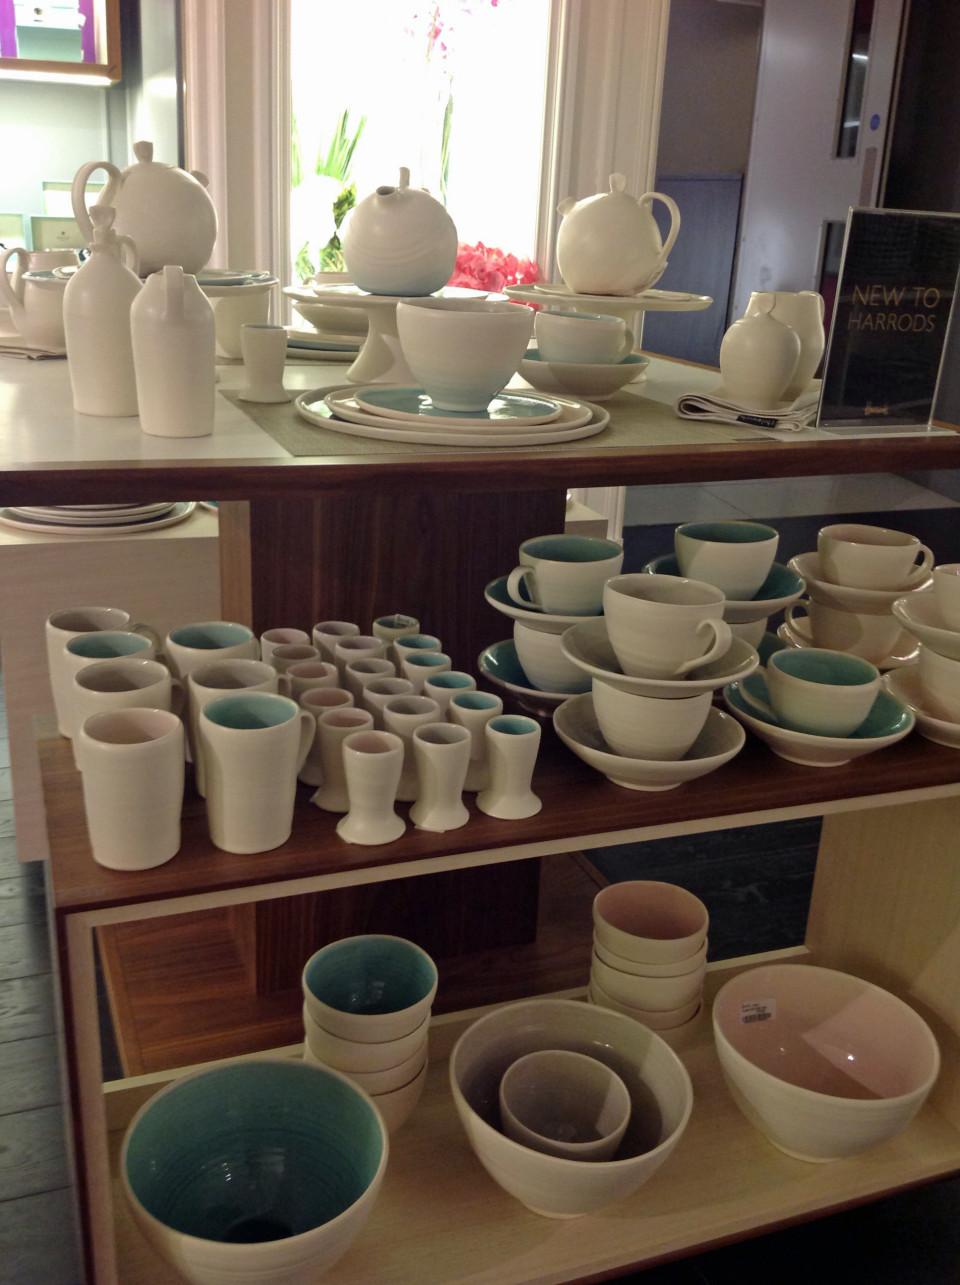 handmade porcelain - Harrods- handmade tableware